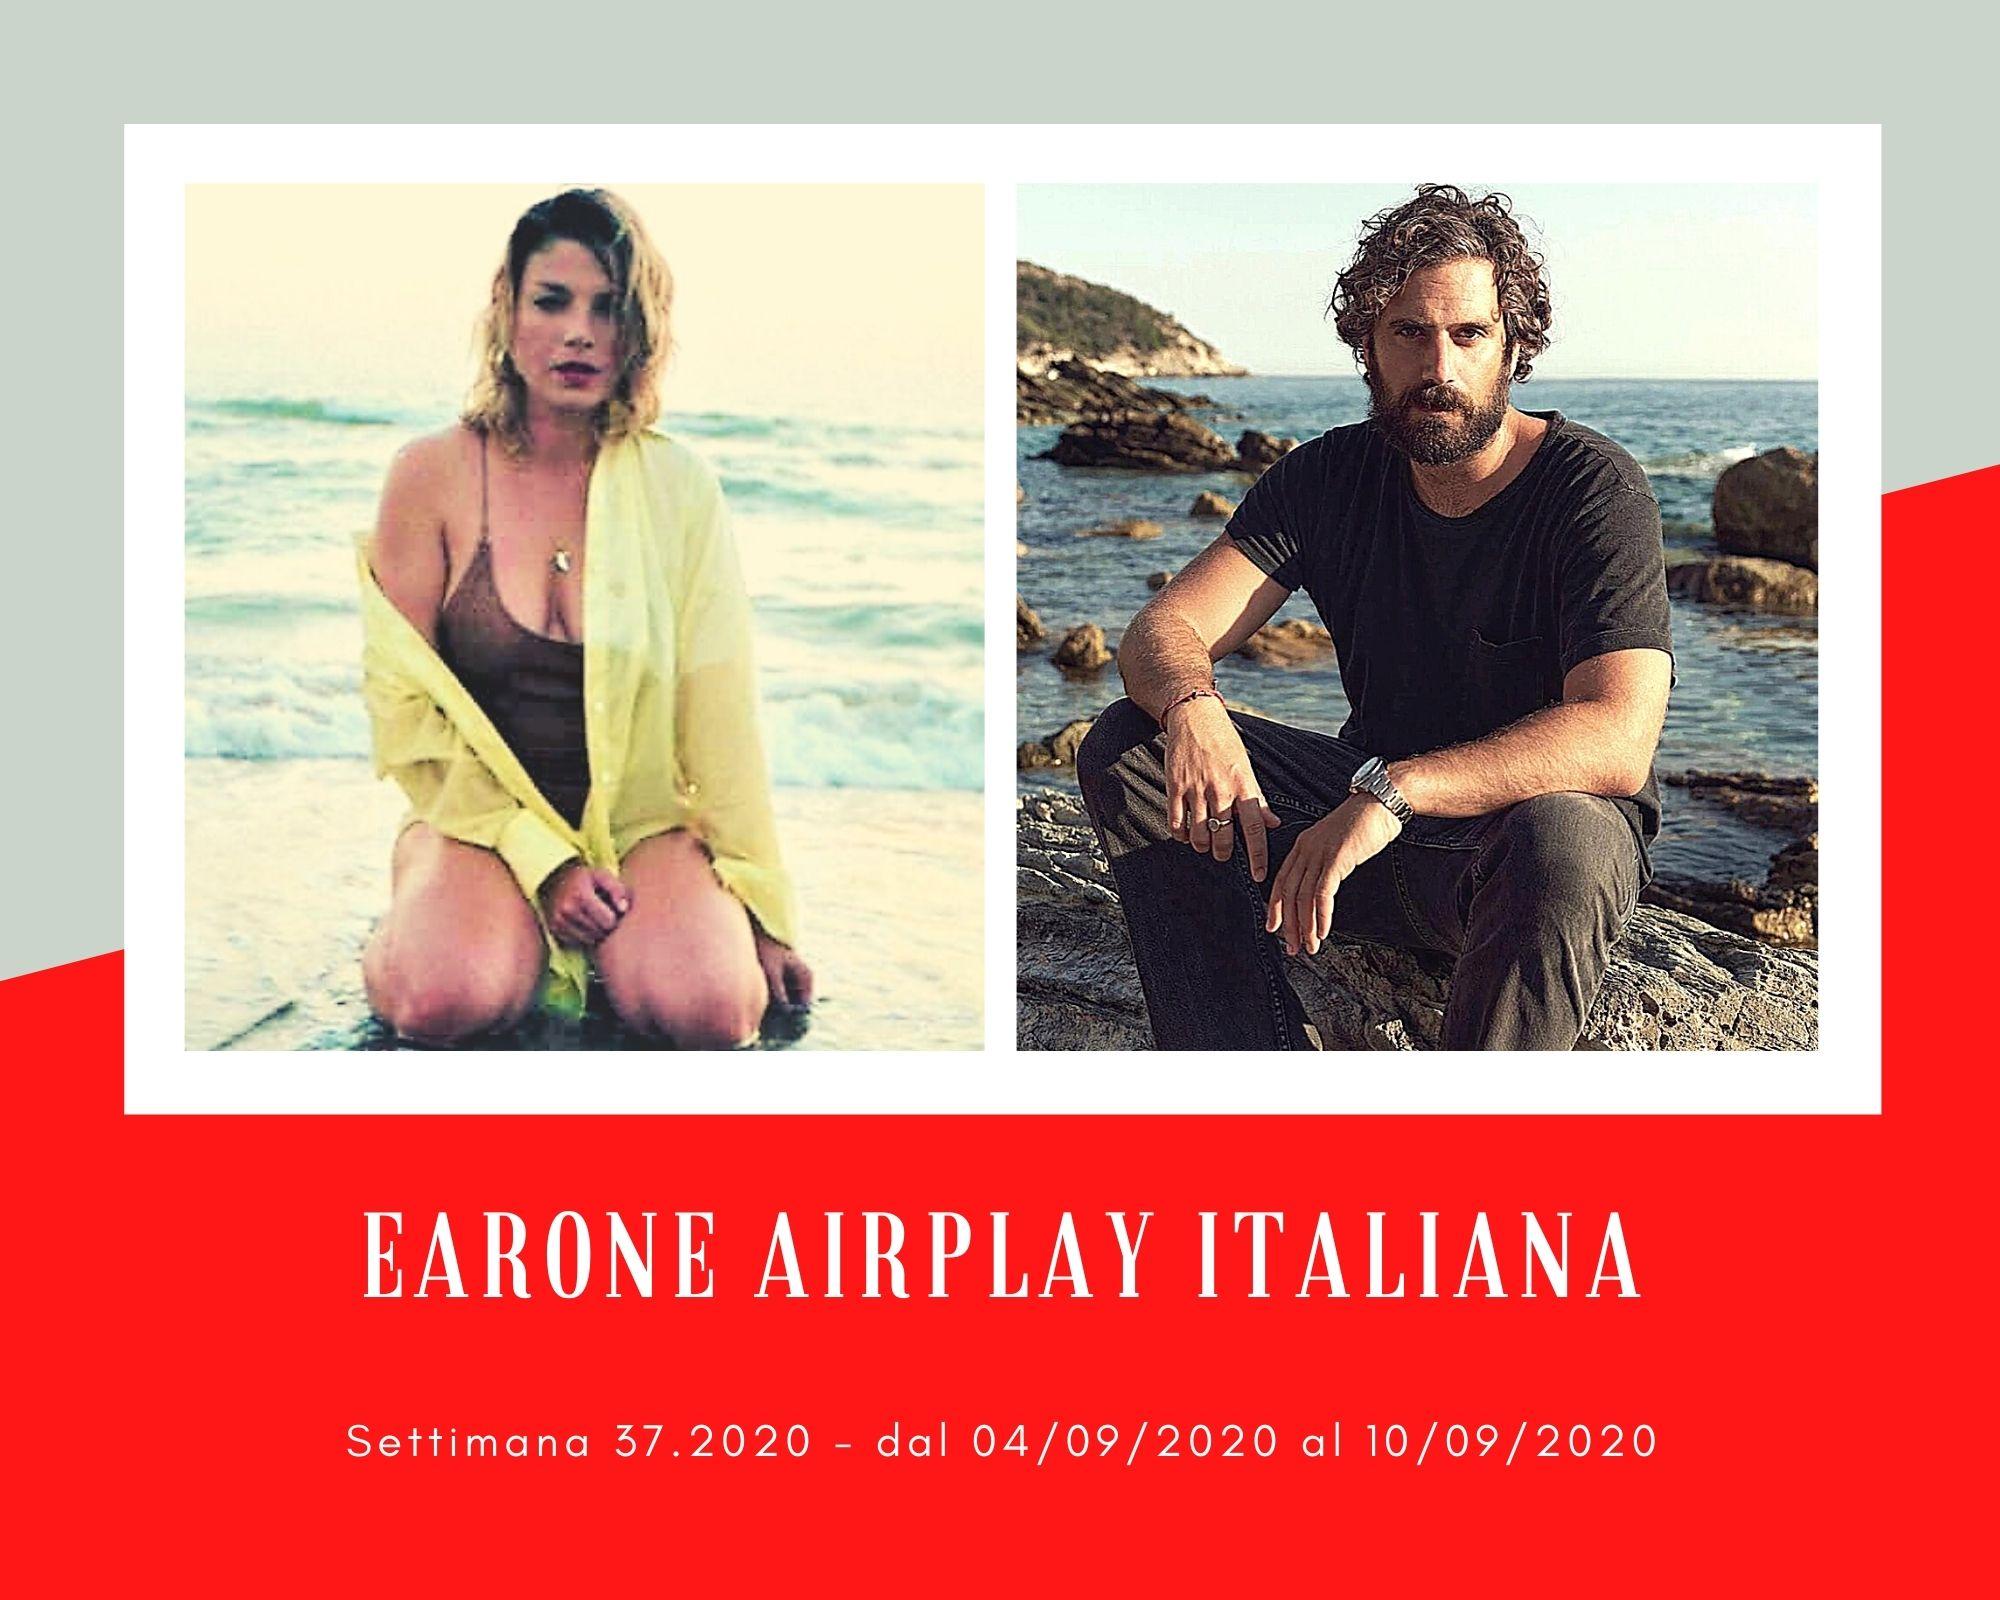 Classifica Radio EarOne Airplay Italiana, week 37: Tommaso Paradiso e Emma irrompono, Achille Lauro e Alessandra Amoroso resistono in vetta